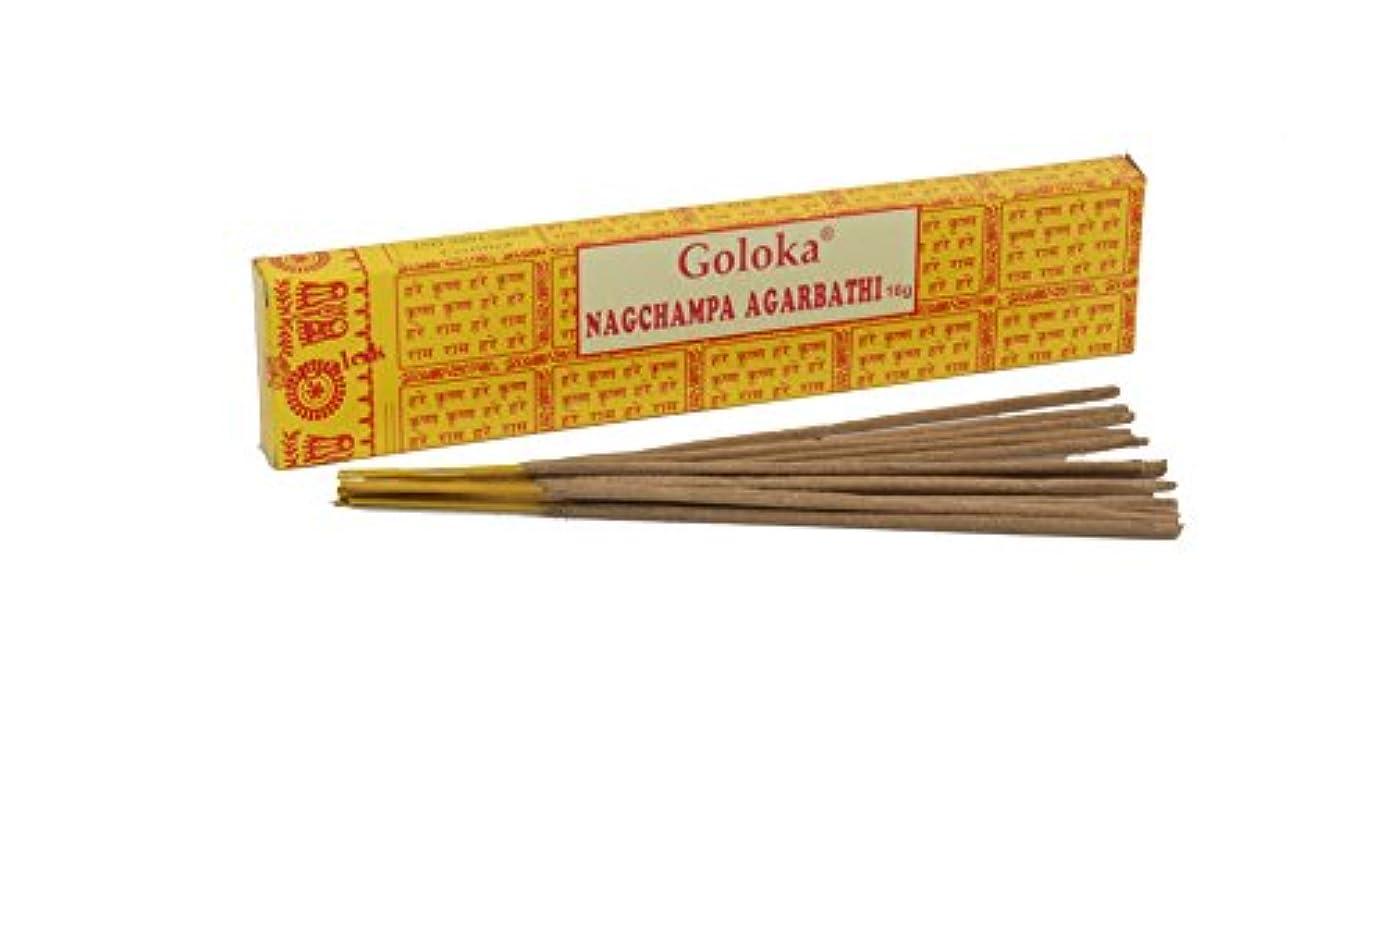 グリット嫌がるデッキGoloka Nag Champa Incense Sticks by Goloka